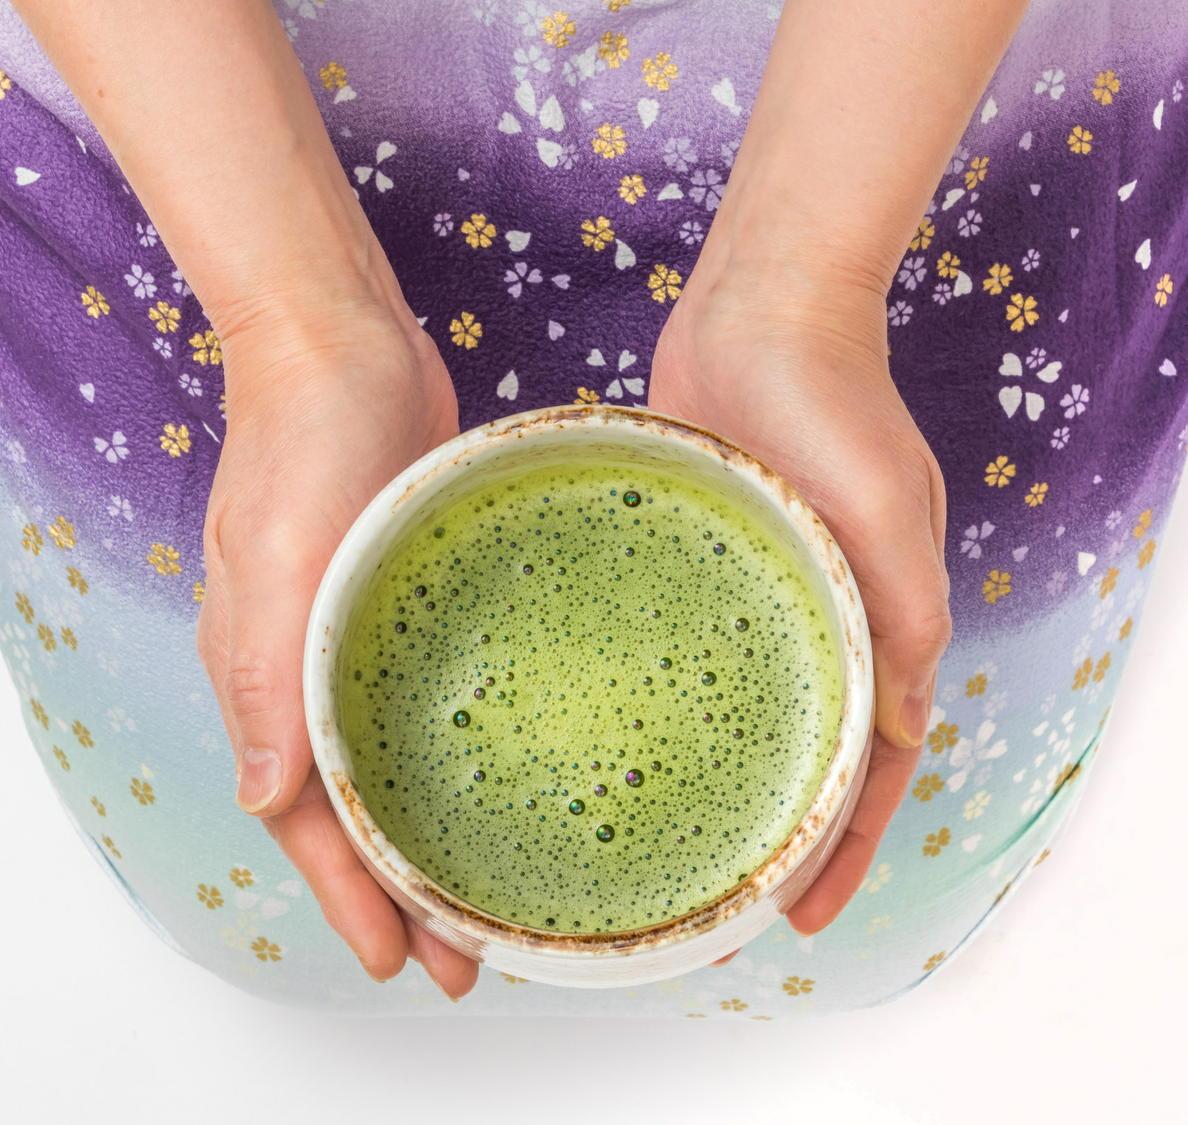 「抹茶」に不安を軽減する効果 抹茶の健康効果を解明し世界に発信